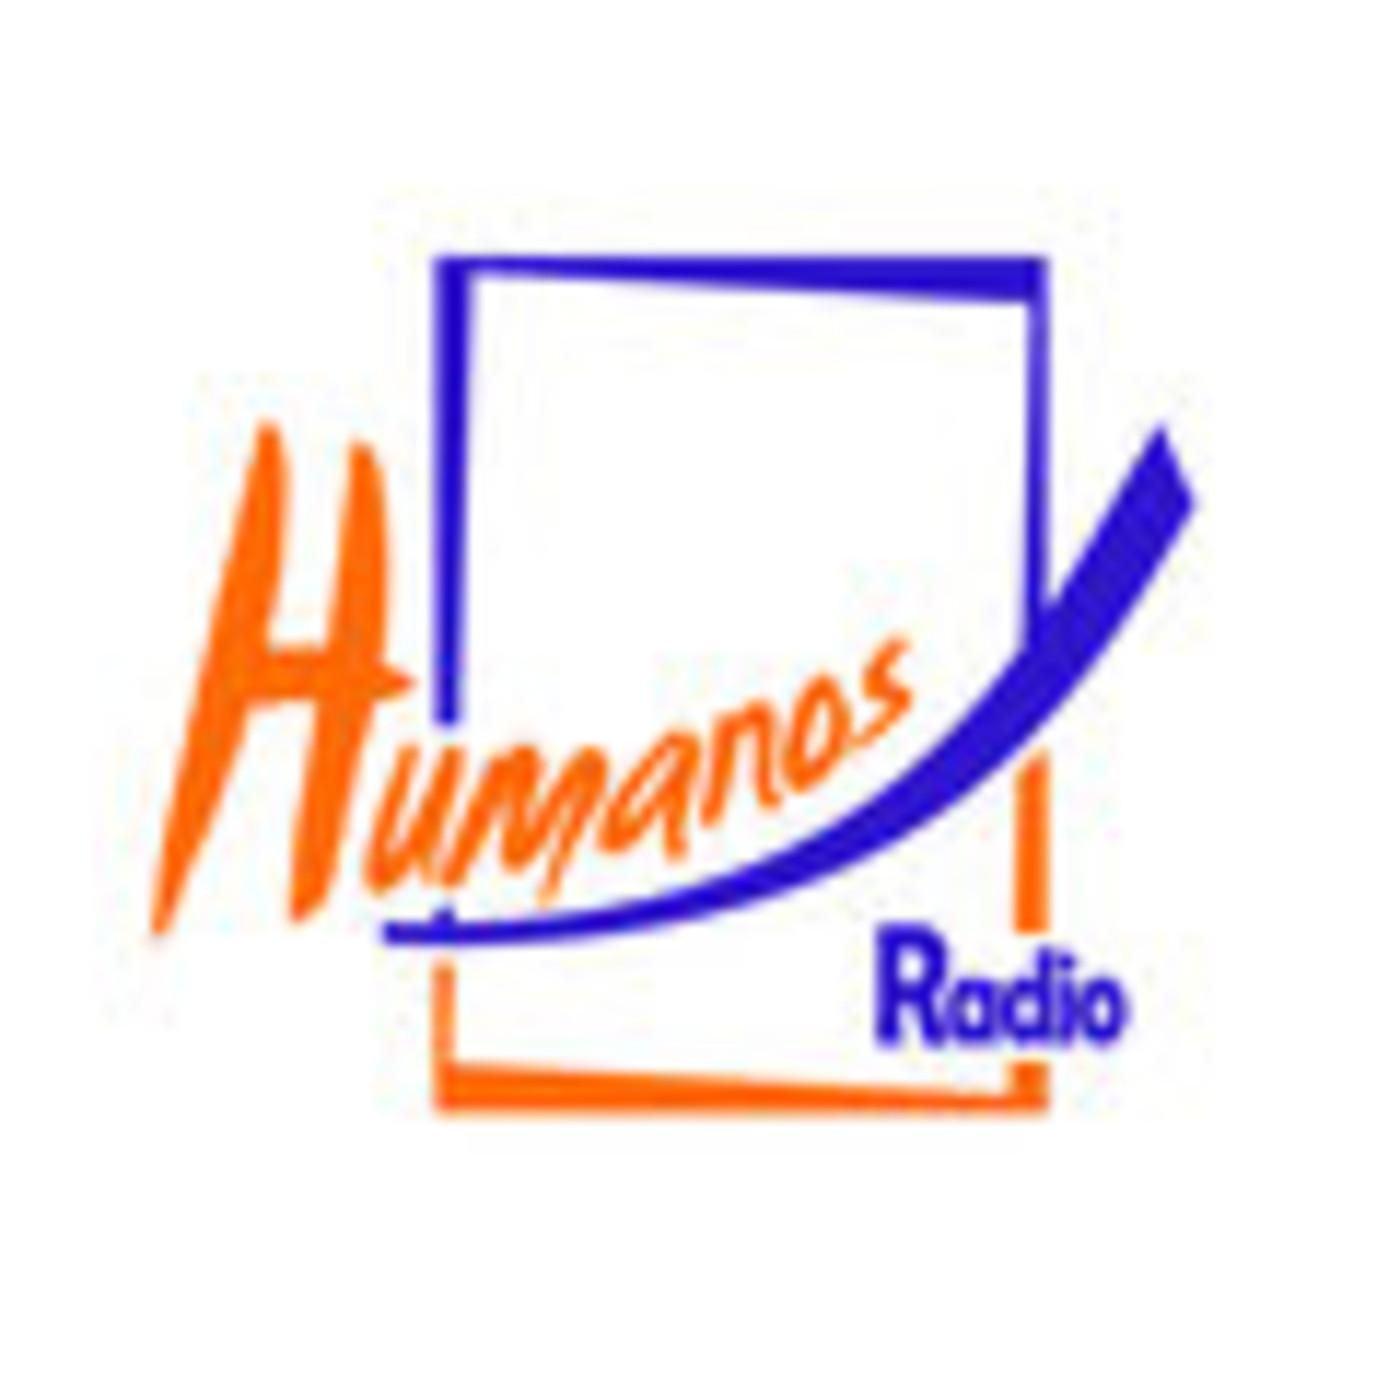 Humanos Radio